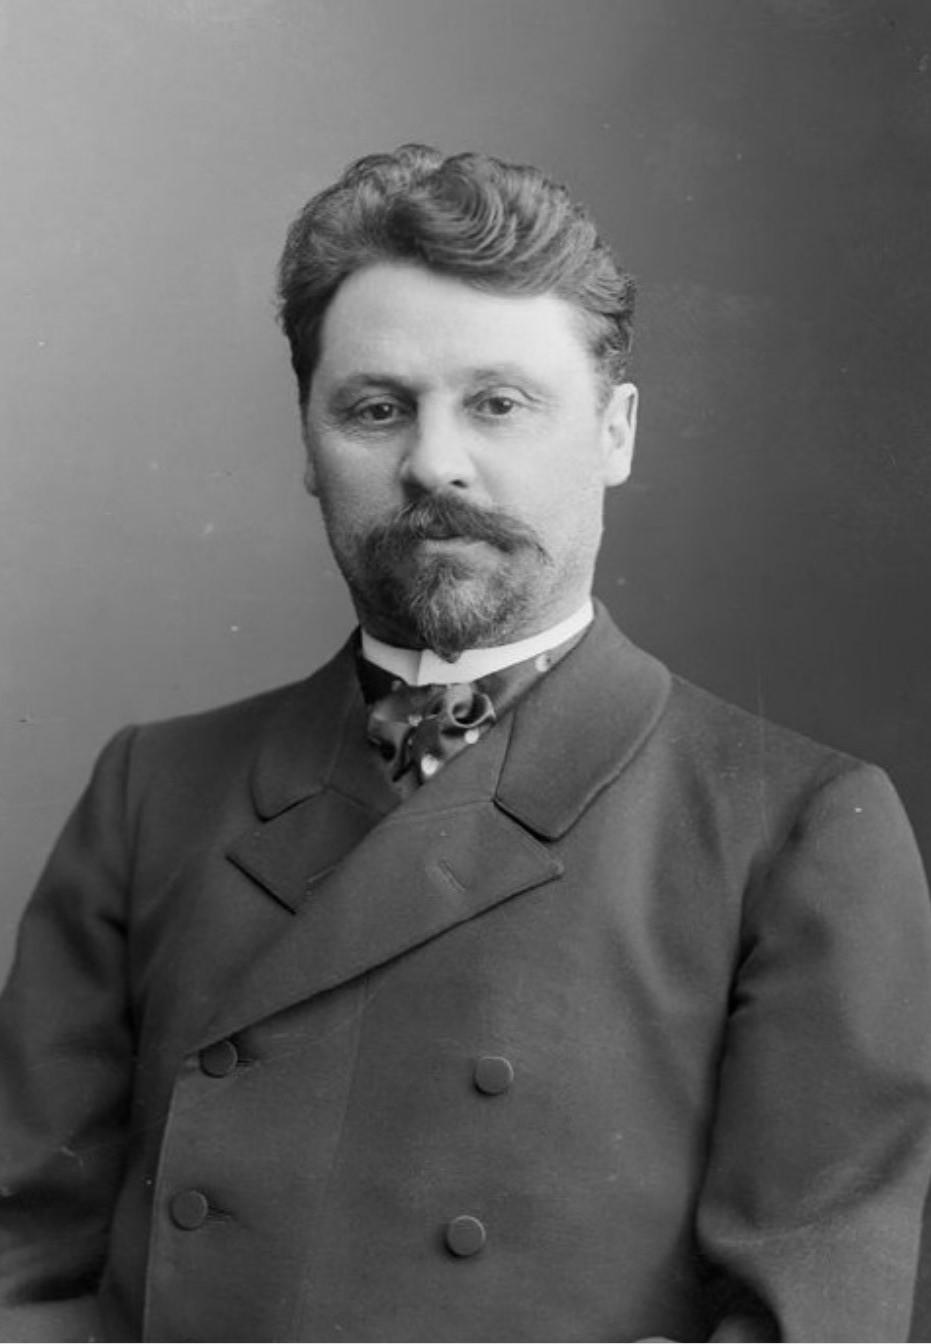 П.Н. Михалкин – заведующий хирургическим отделением Нижегородской губернской земской больницы. 1900